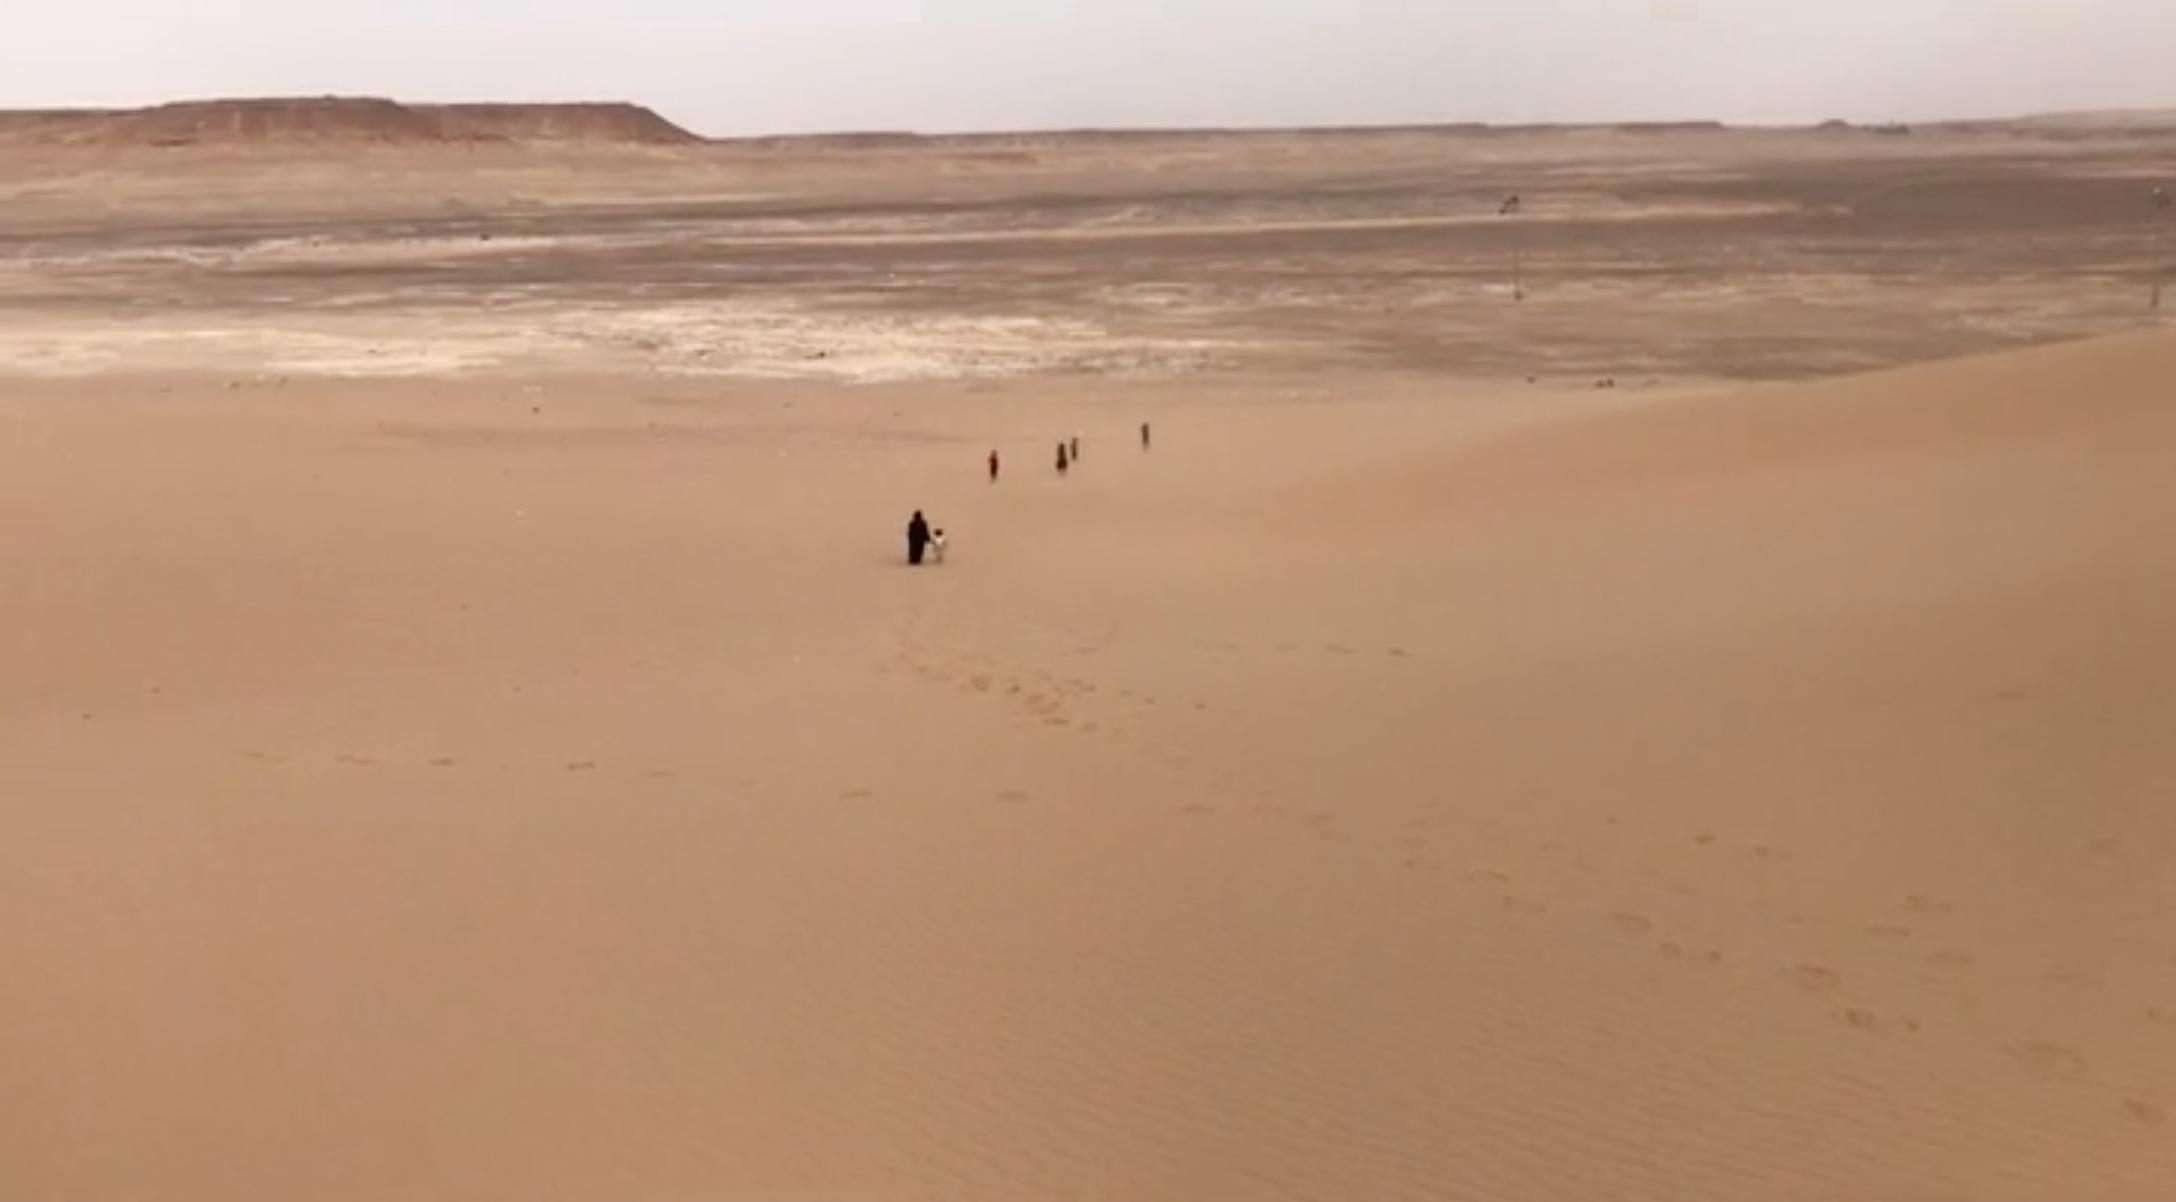 قناة 218 فيلم عالم مصور في ليبيا ماذا تعرف عن